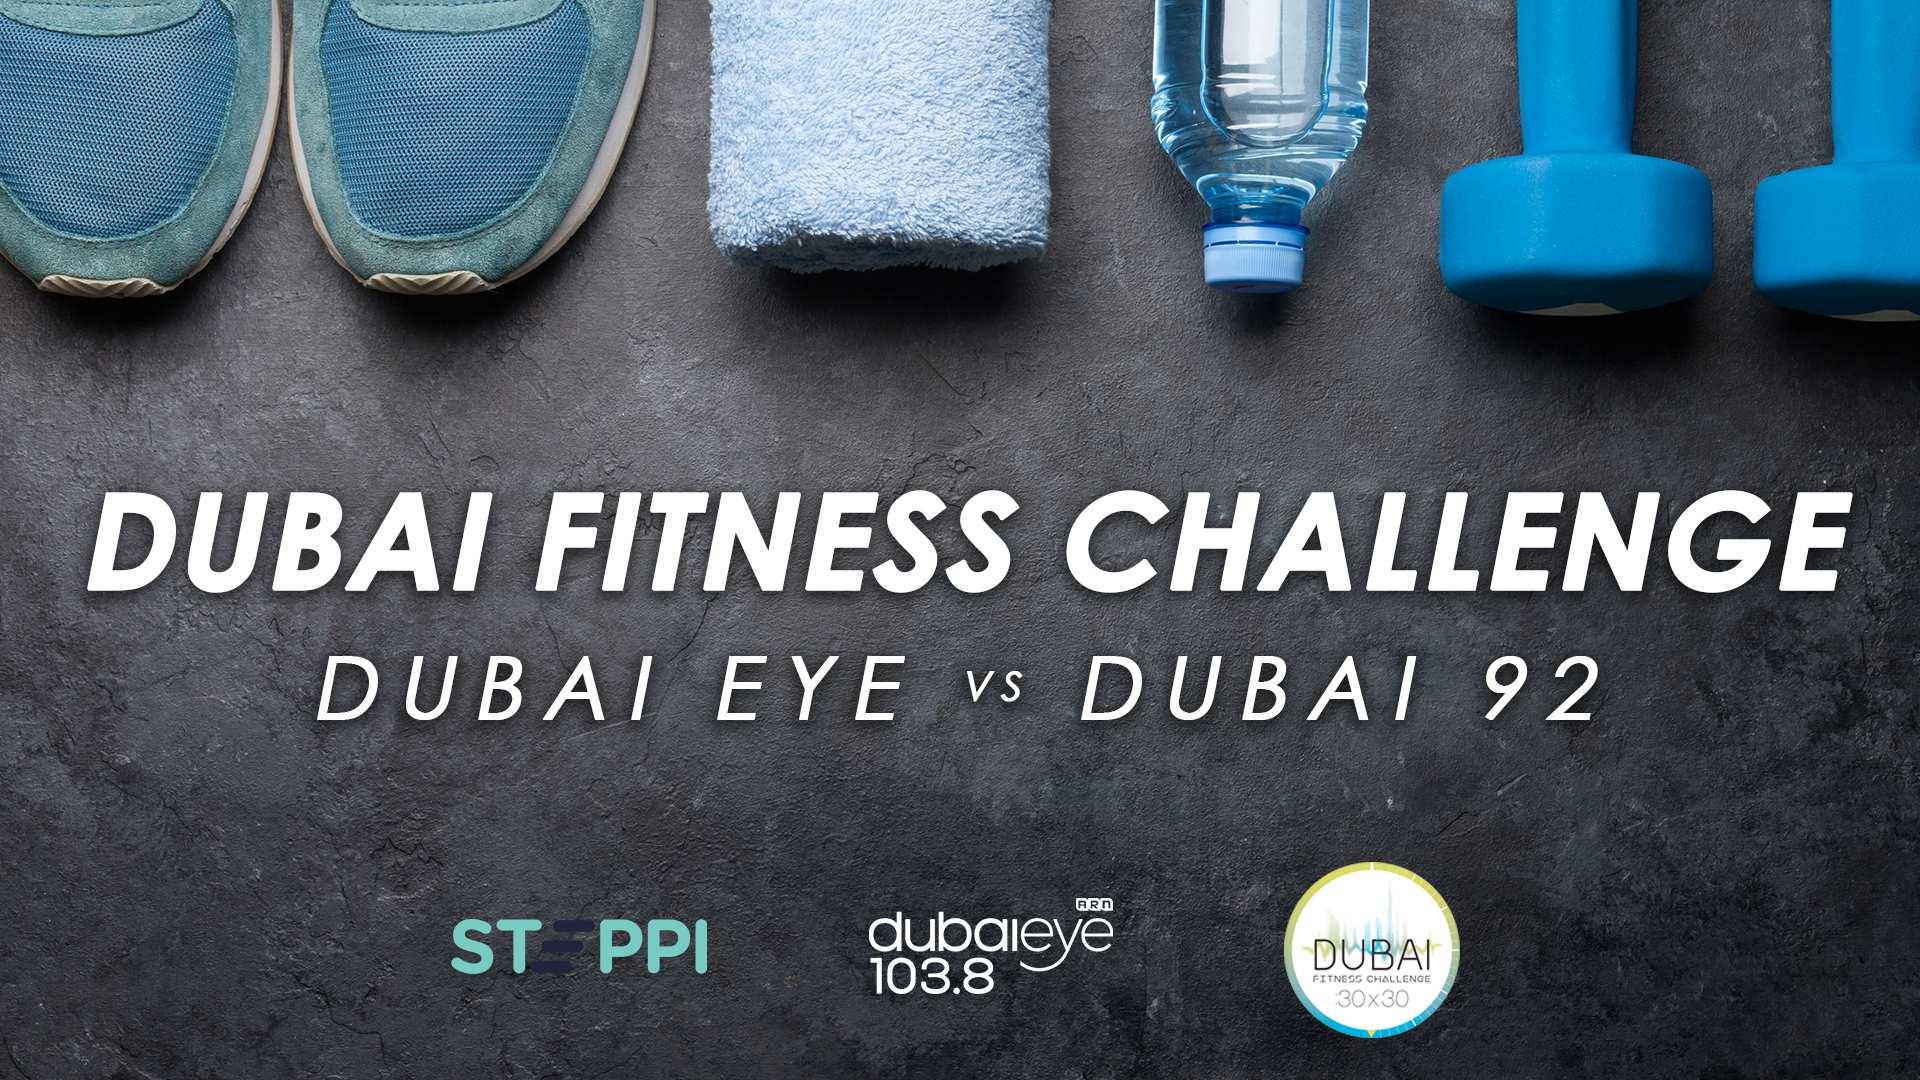 Dubai Eye vs Dubai 92